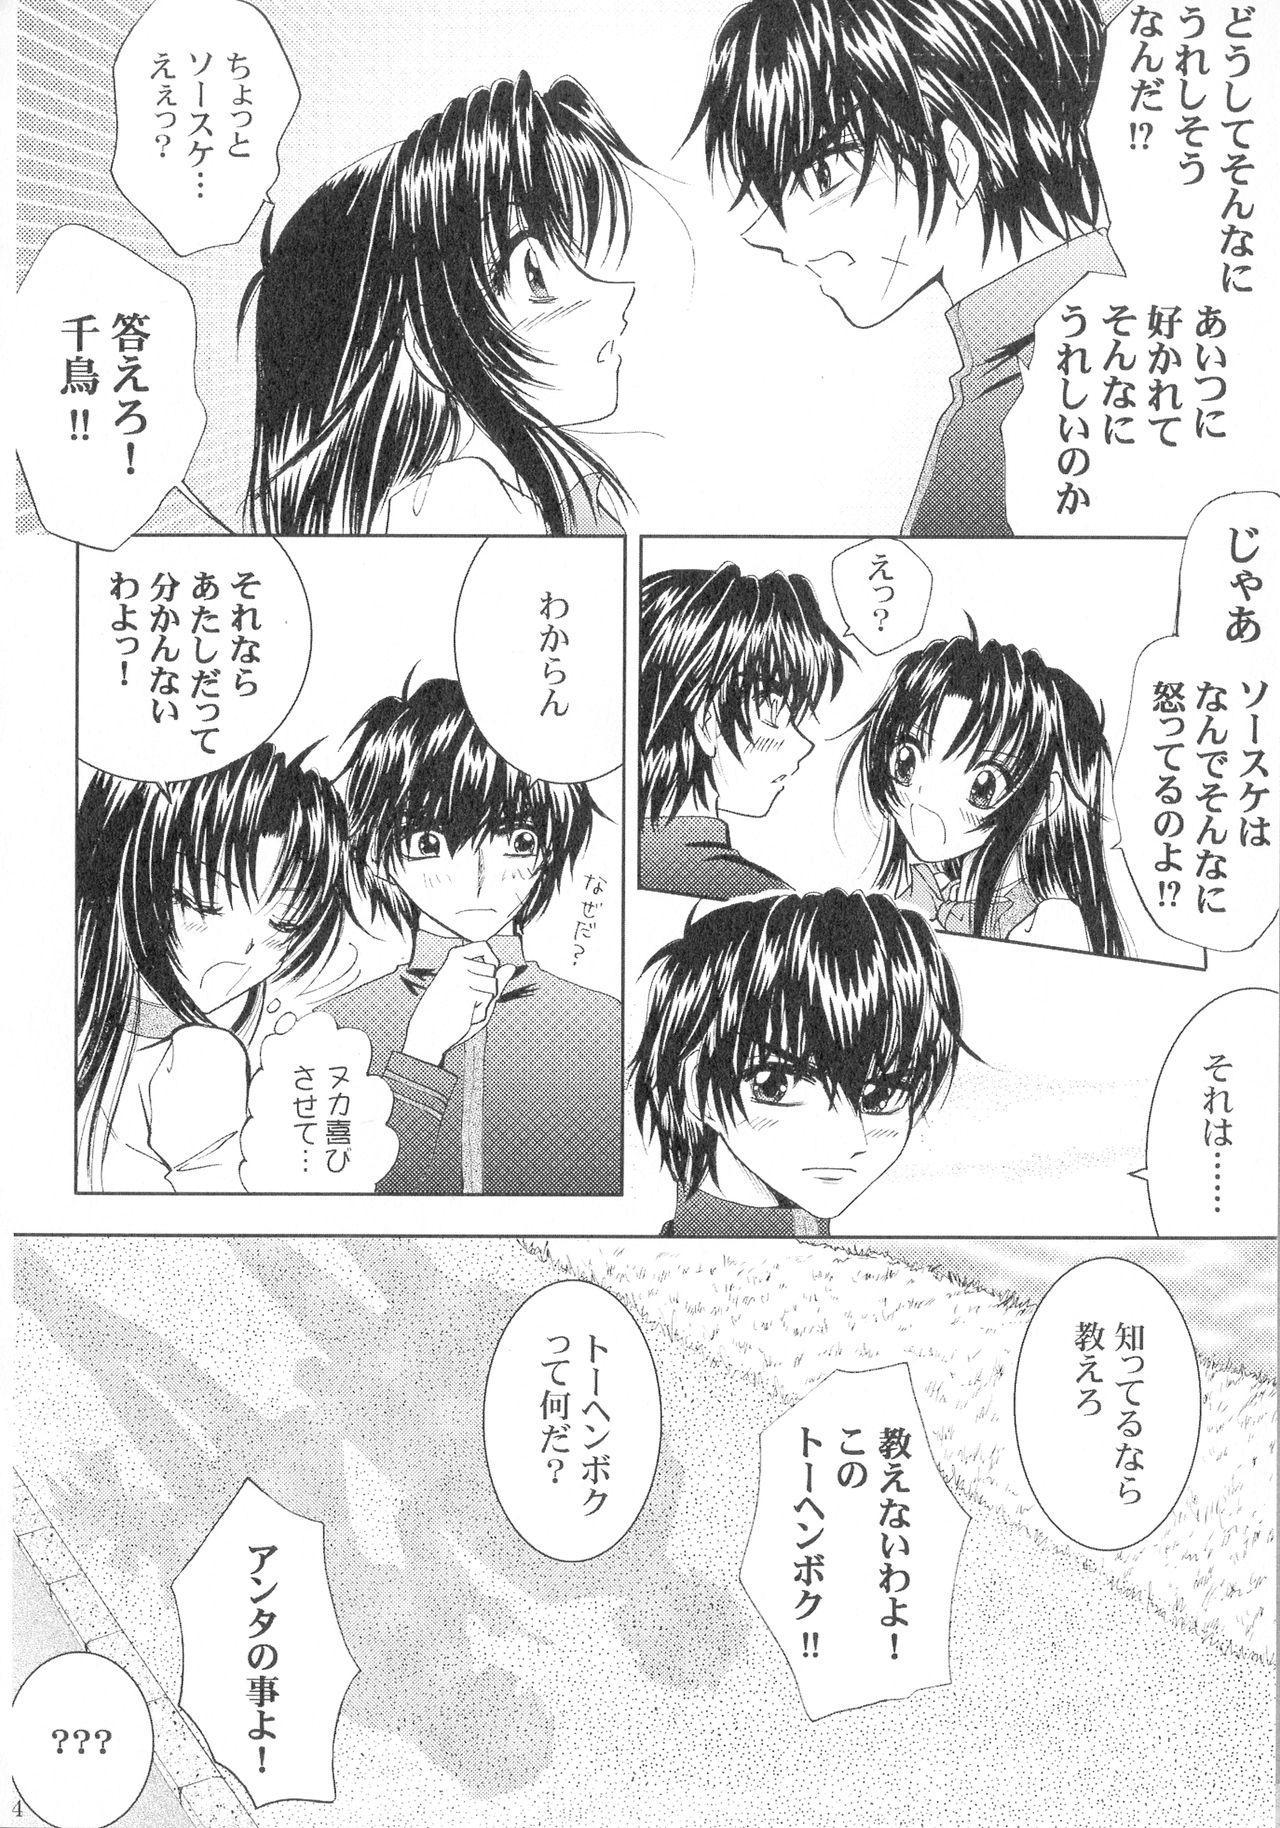 SEXY PANIC Sairokushuu Vol. 4 24